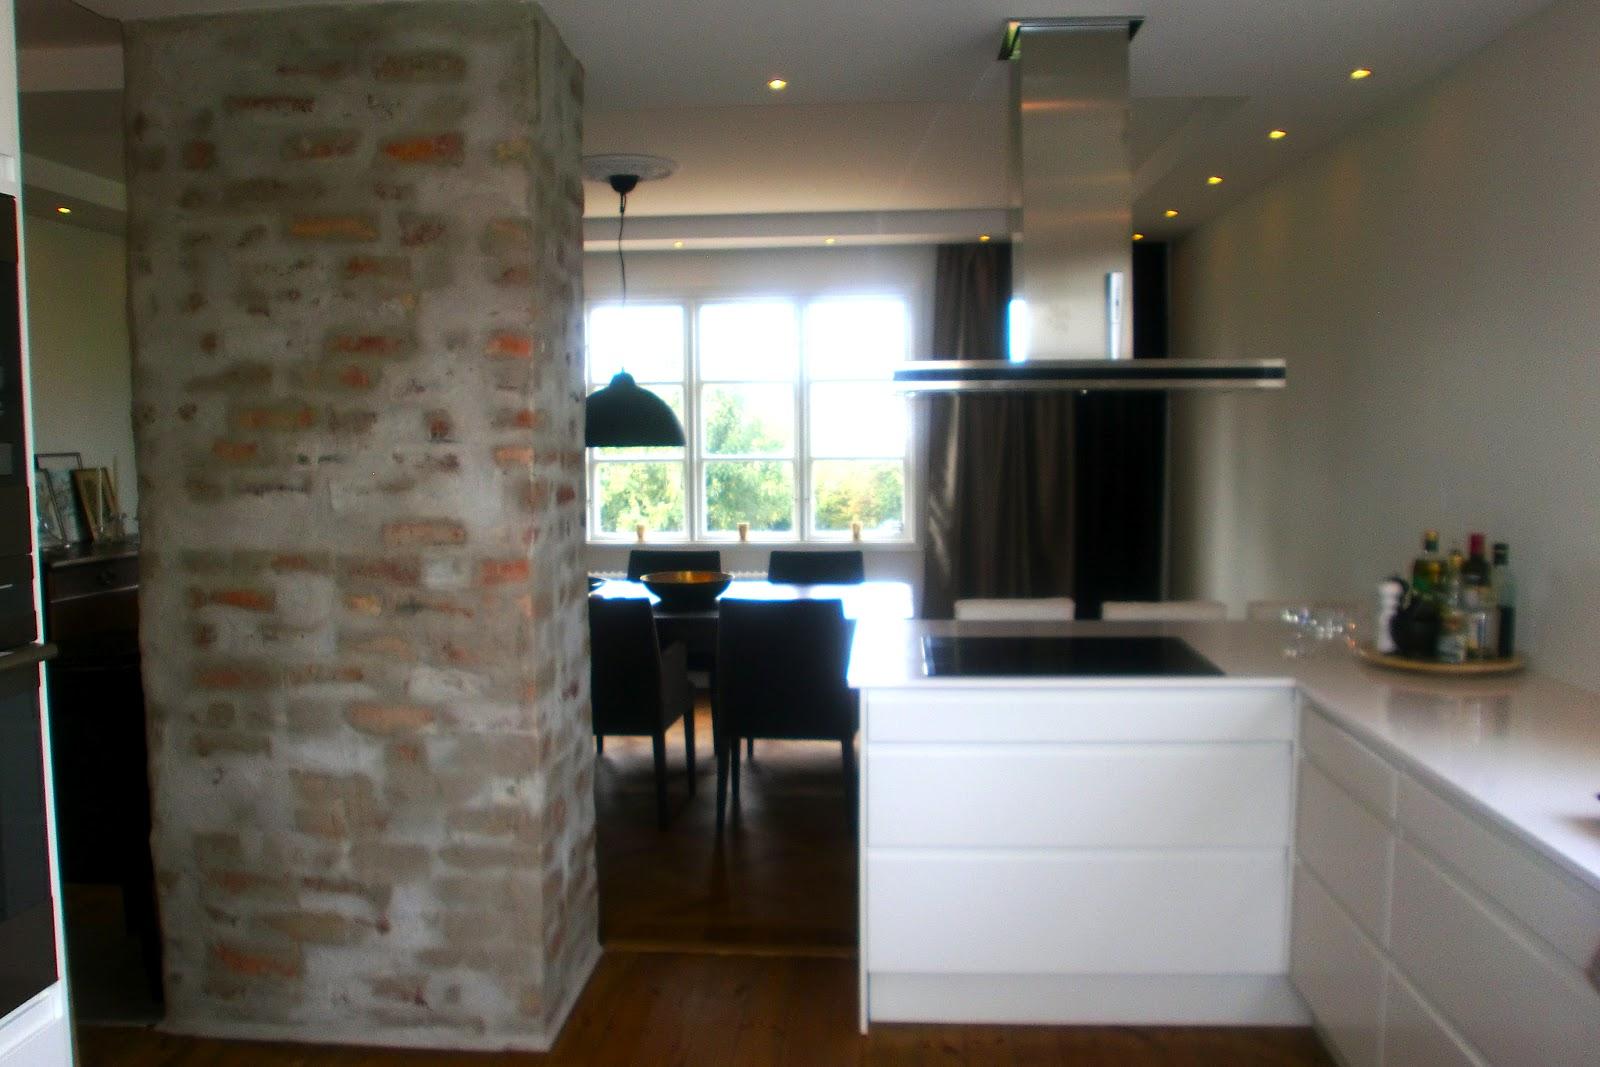 Hus inspiration inredning: vårt kök